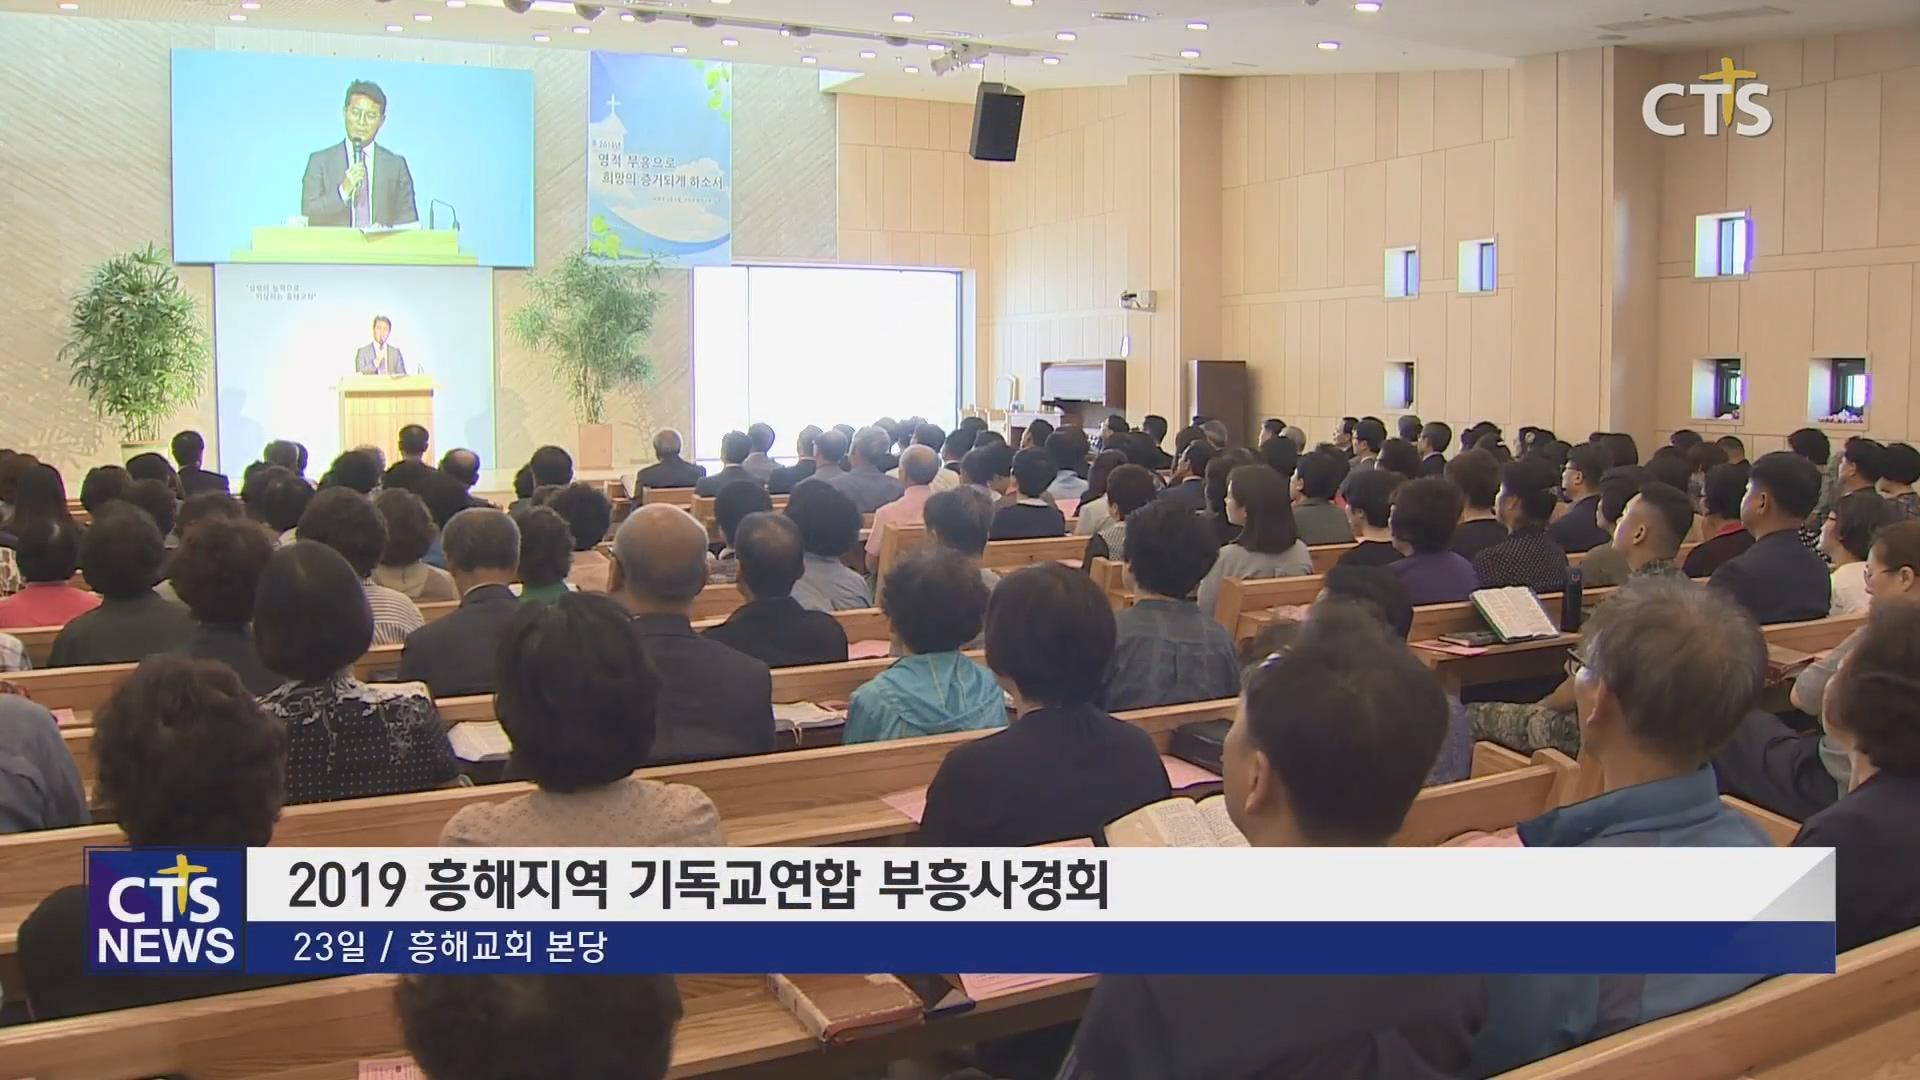 2019 흥해지역 기독교연합 부흥사경회